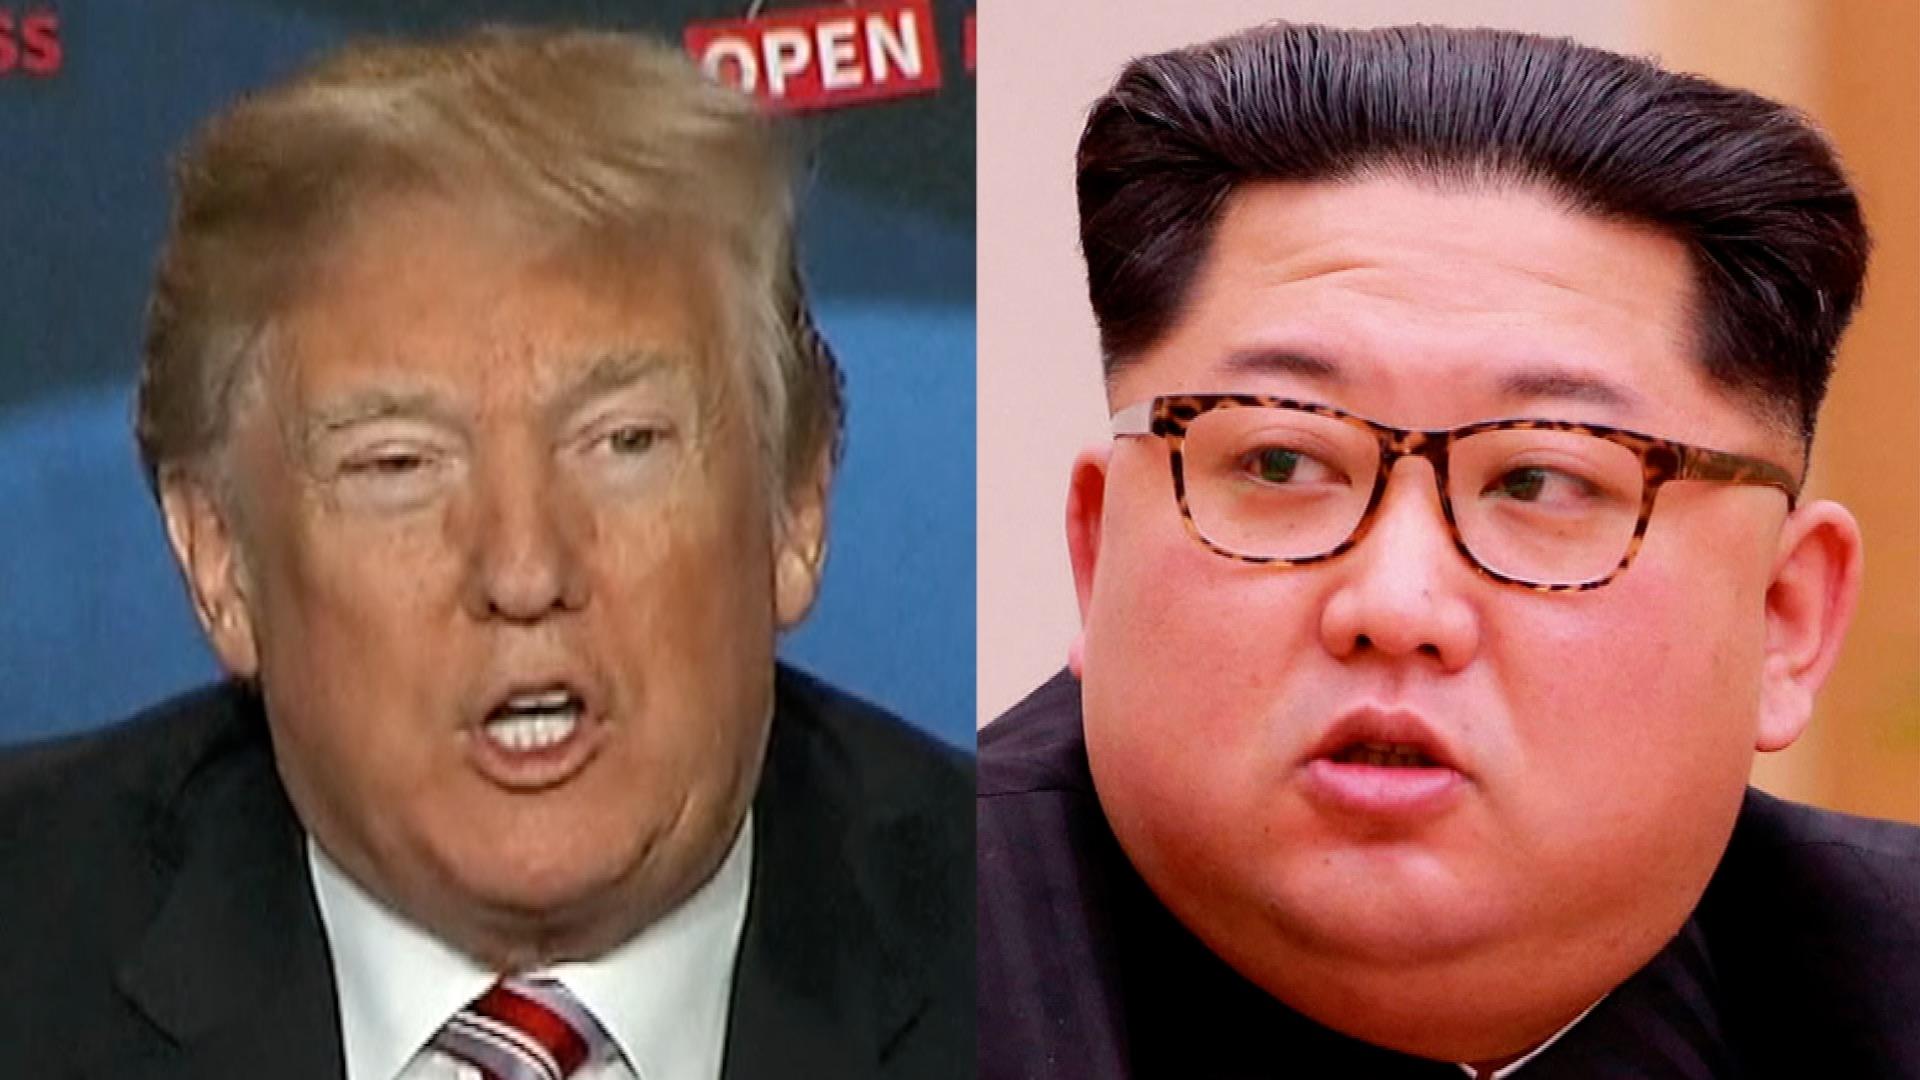 Podle agentury Bloomberg by k setkání Trumpa s Kimem mohlo dojít v Praze